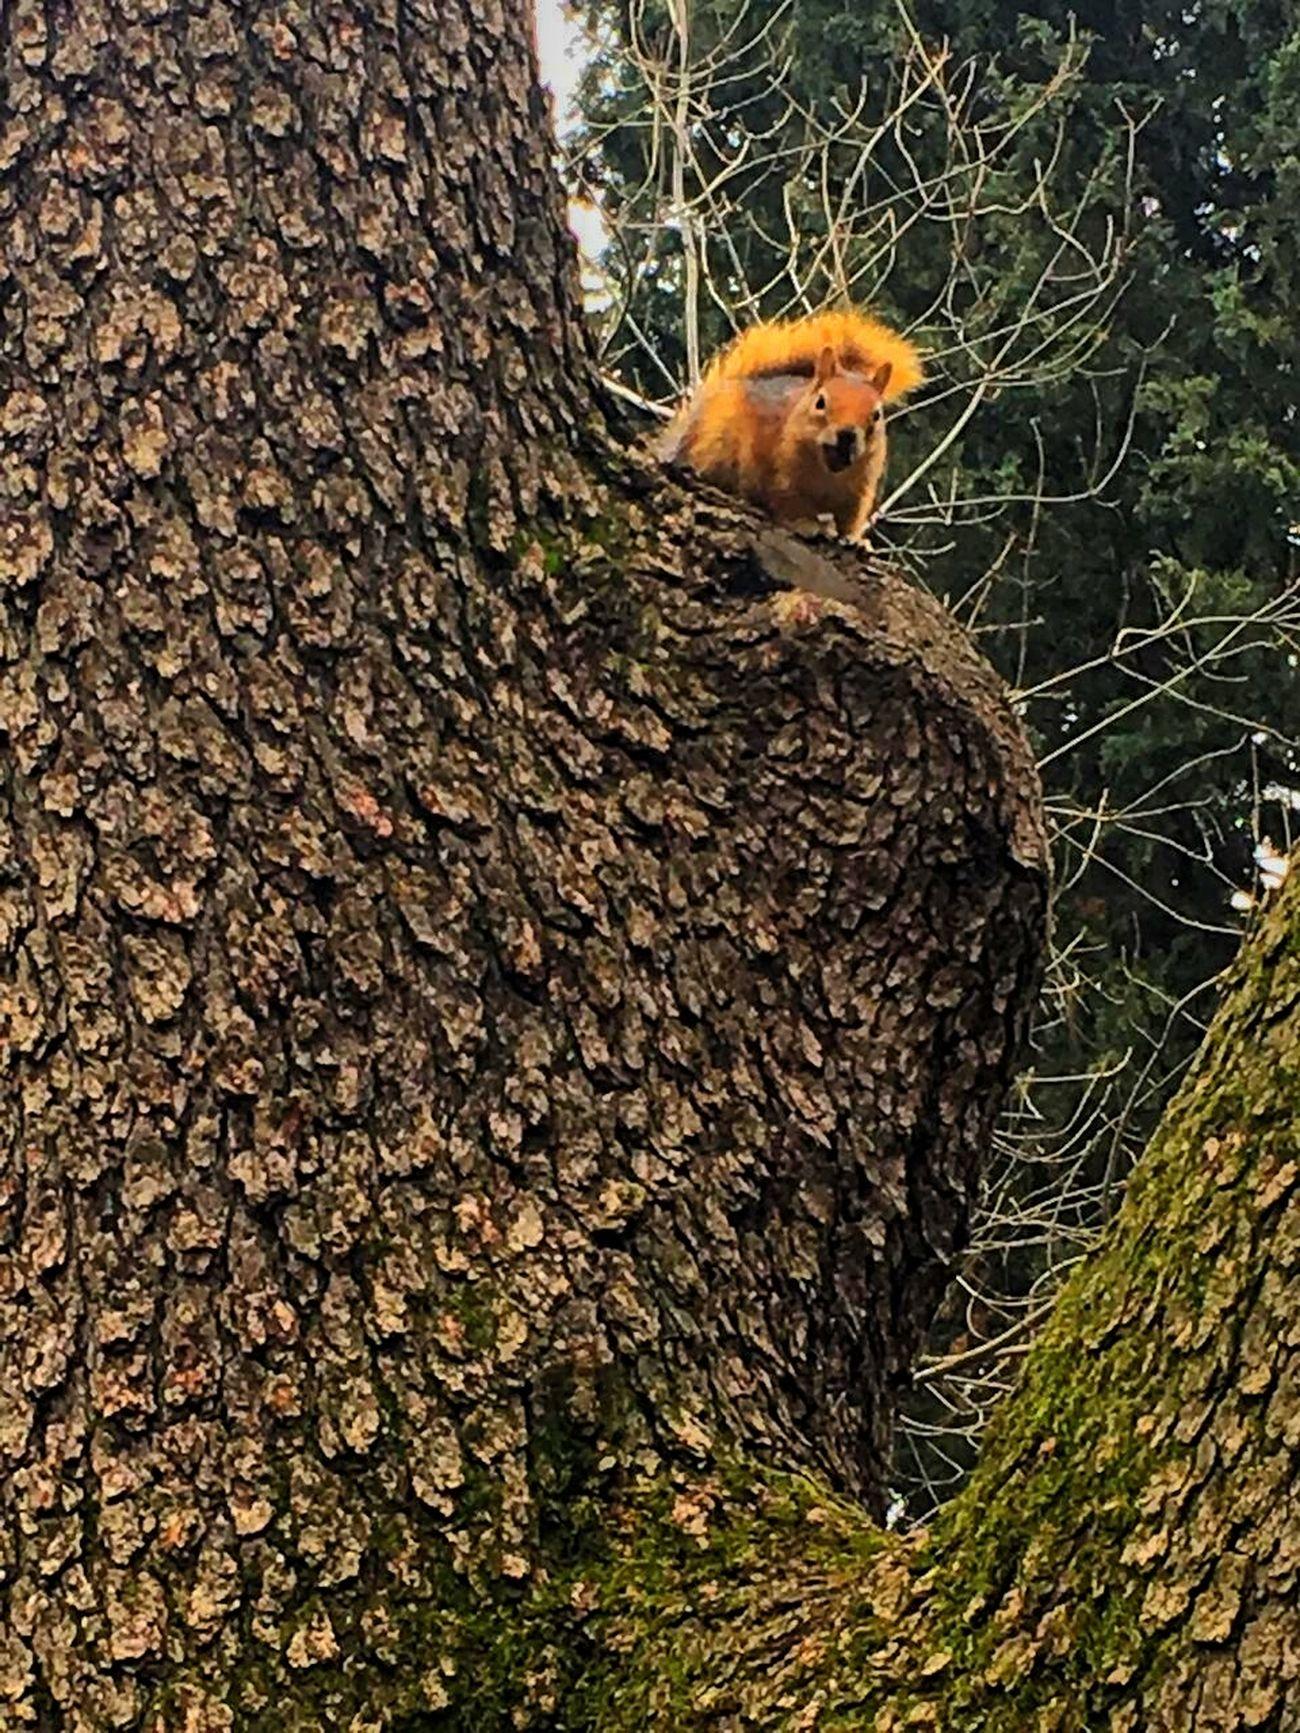 Turkey ıstanbul Besiktas Yıldız Parkı Sen Ne Yapıyon Ya Orada Squirrel 😚